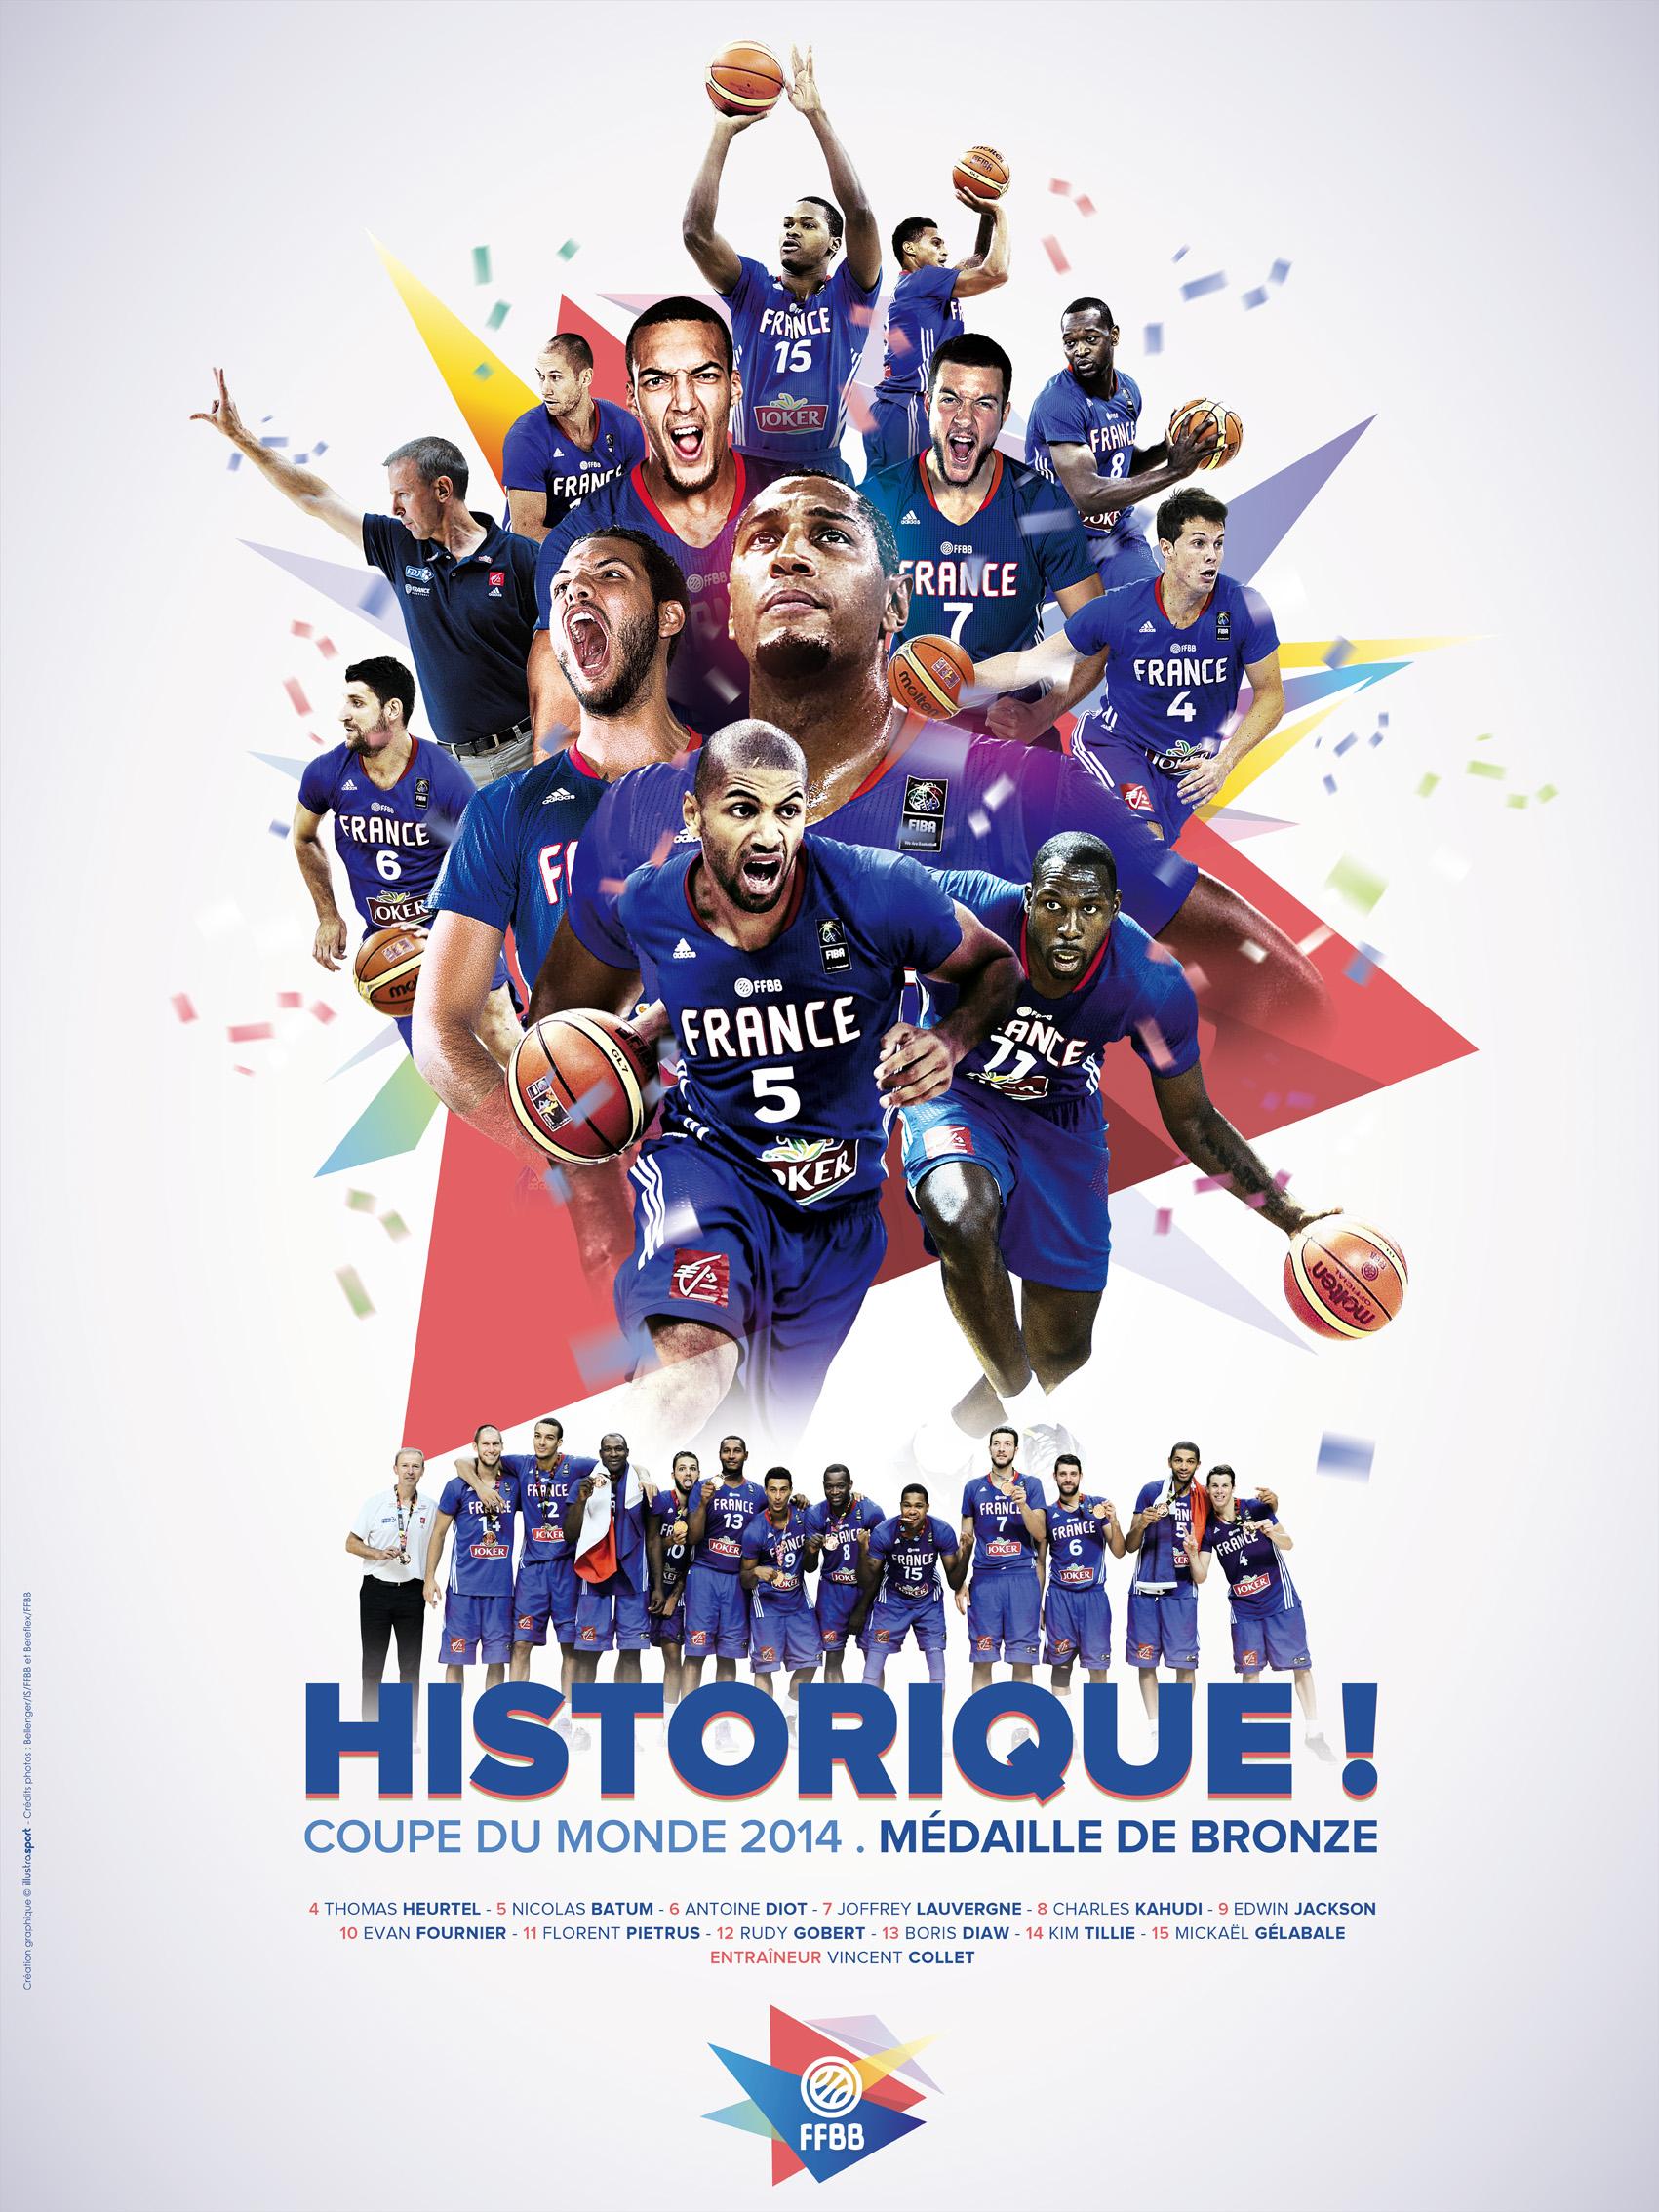 T l chargez le poster et les cartes des bleus ffbb - Coupe du monde 2010 equipe de france ...